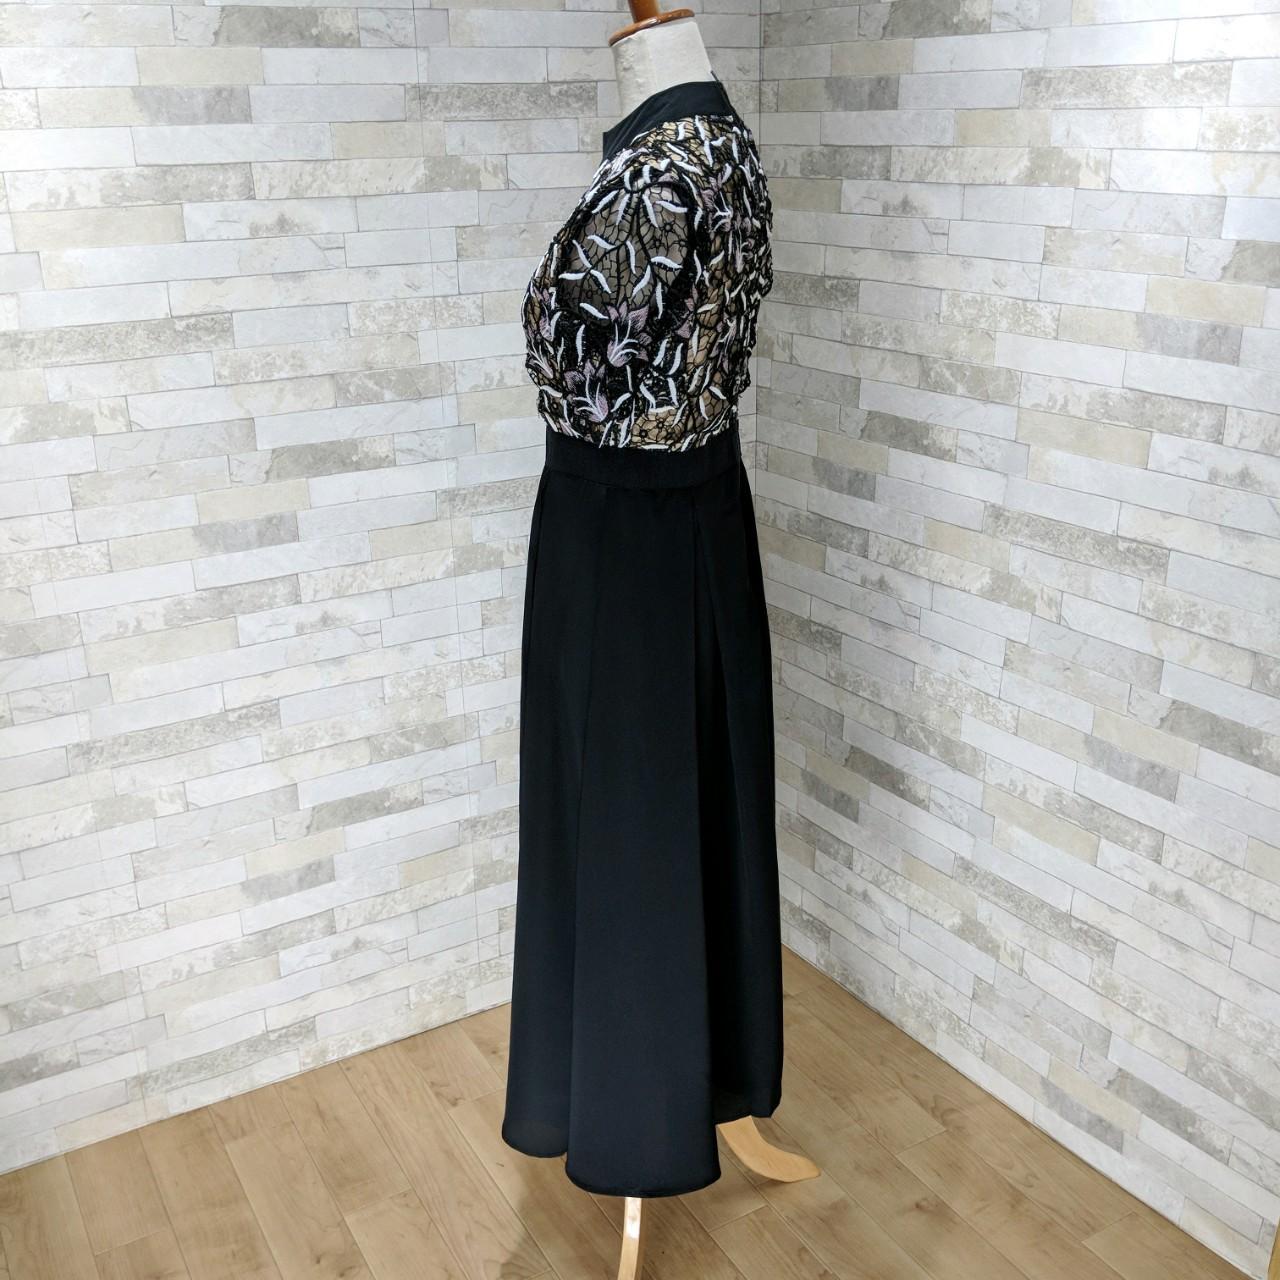 【即納】韓国 ファッション ワンピース パーティードレス ロング マキシ 夏 春 秋 パーティー ブライダル SPTX5151 結婚式 お呼ばれ ドッキング 花柄レース ロン 二次会 セレブ きれいめの写真14枚目